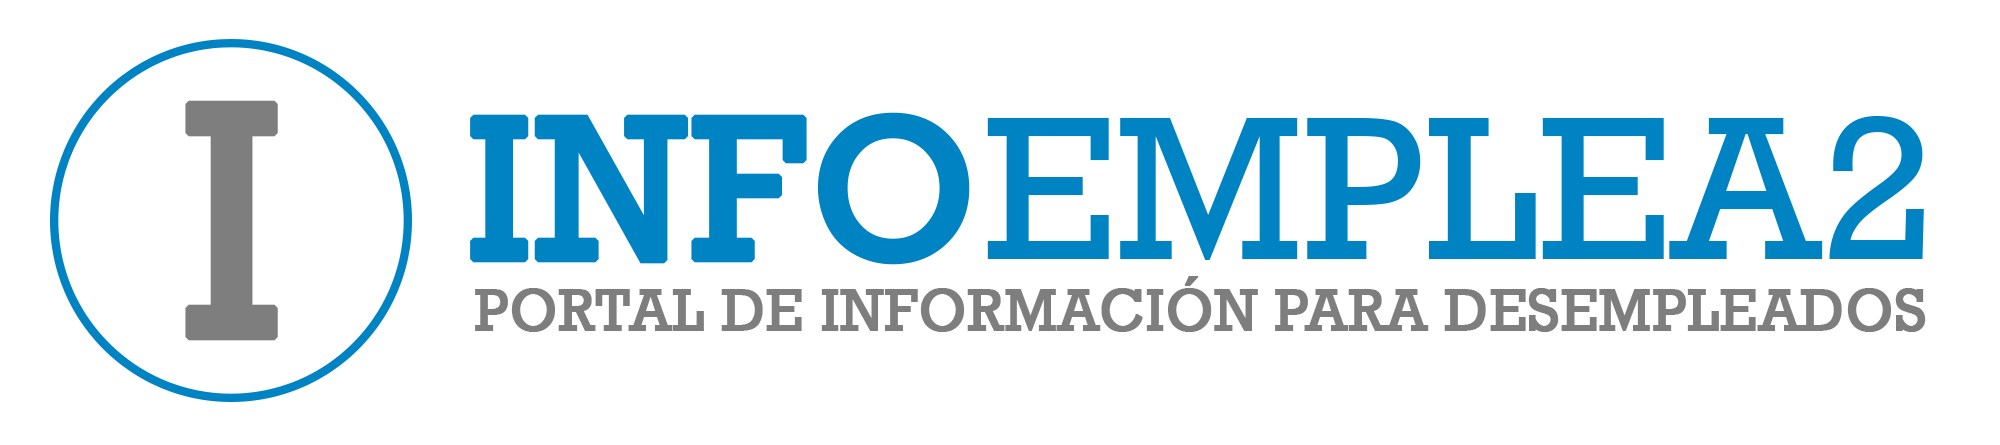 Infoemplea2 header 2018